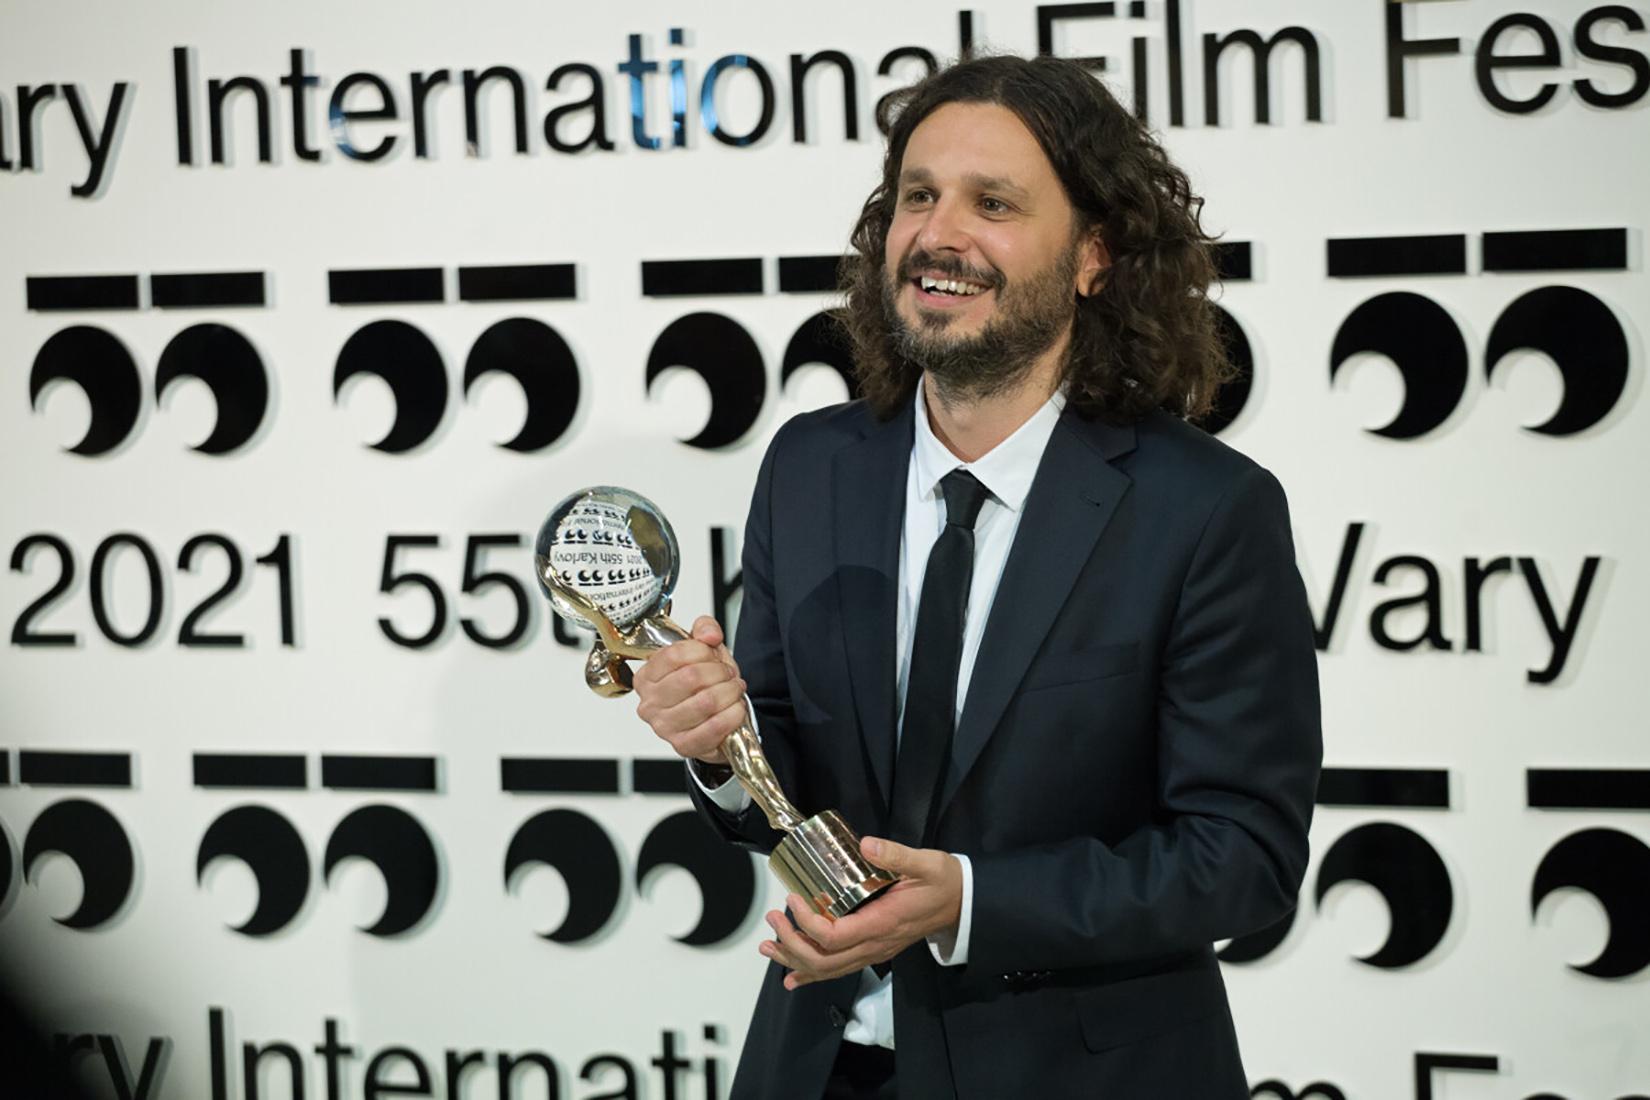 Stefan Arsenijević medjunarodni filmski festival u Karlovim Varima, Karlovi Vari, film Banović Strahinja, reditelja Stefana Arsenijevića osvojio je glavnu nagradu